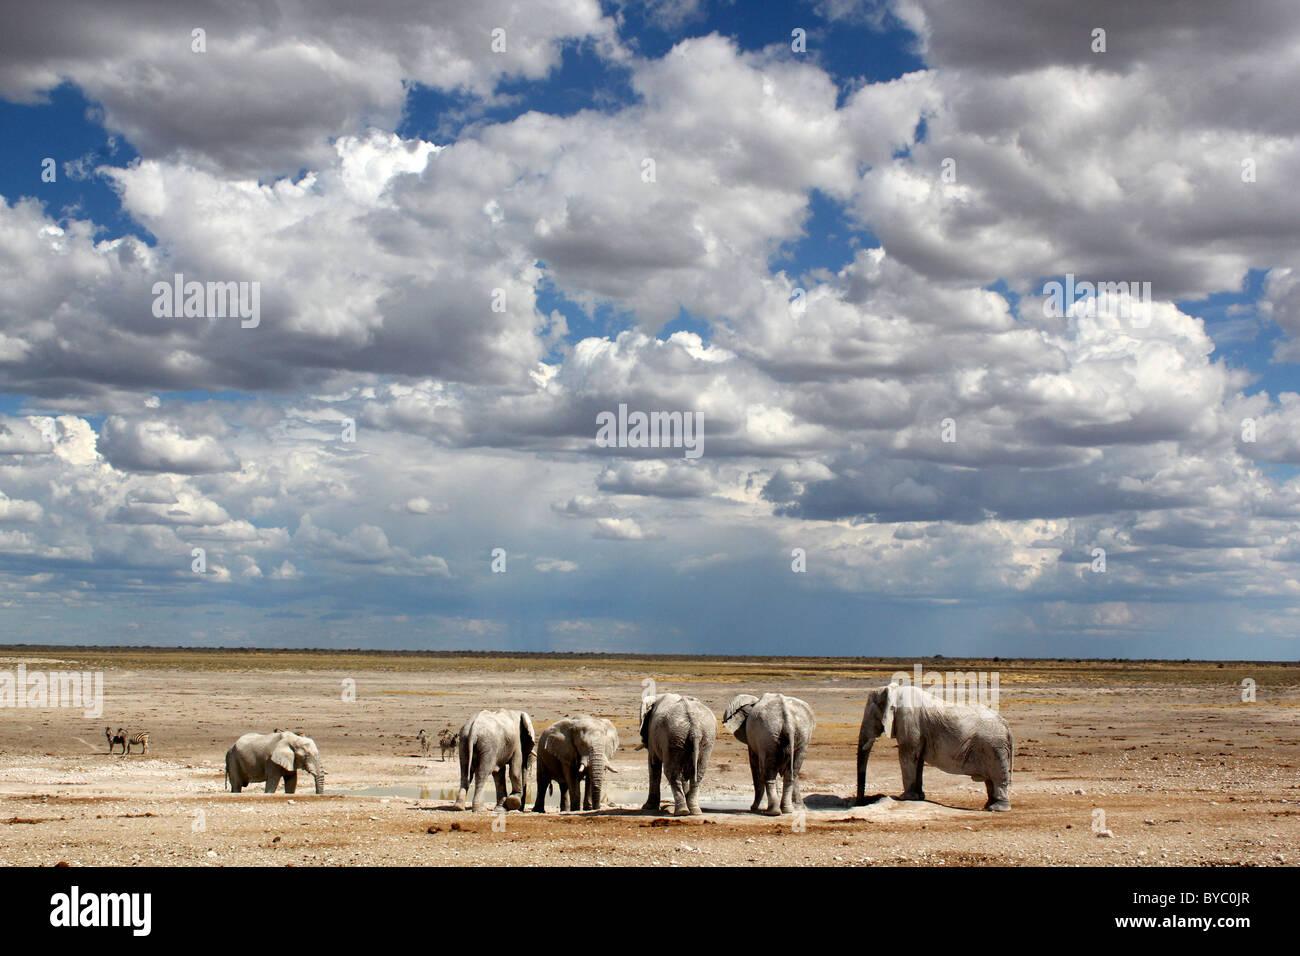 Elephants at waterhole at Etosha National Park in Namibia - Stock Image